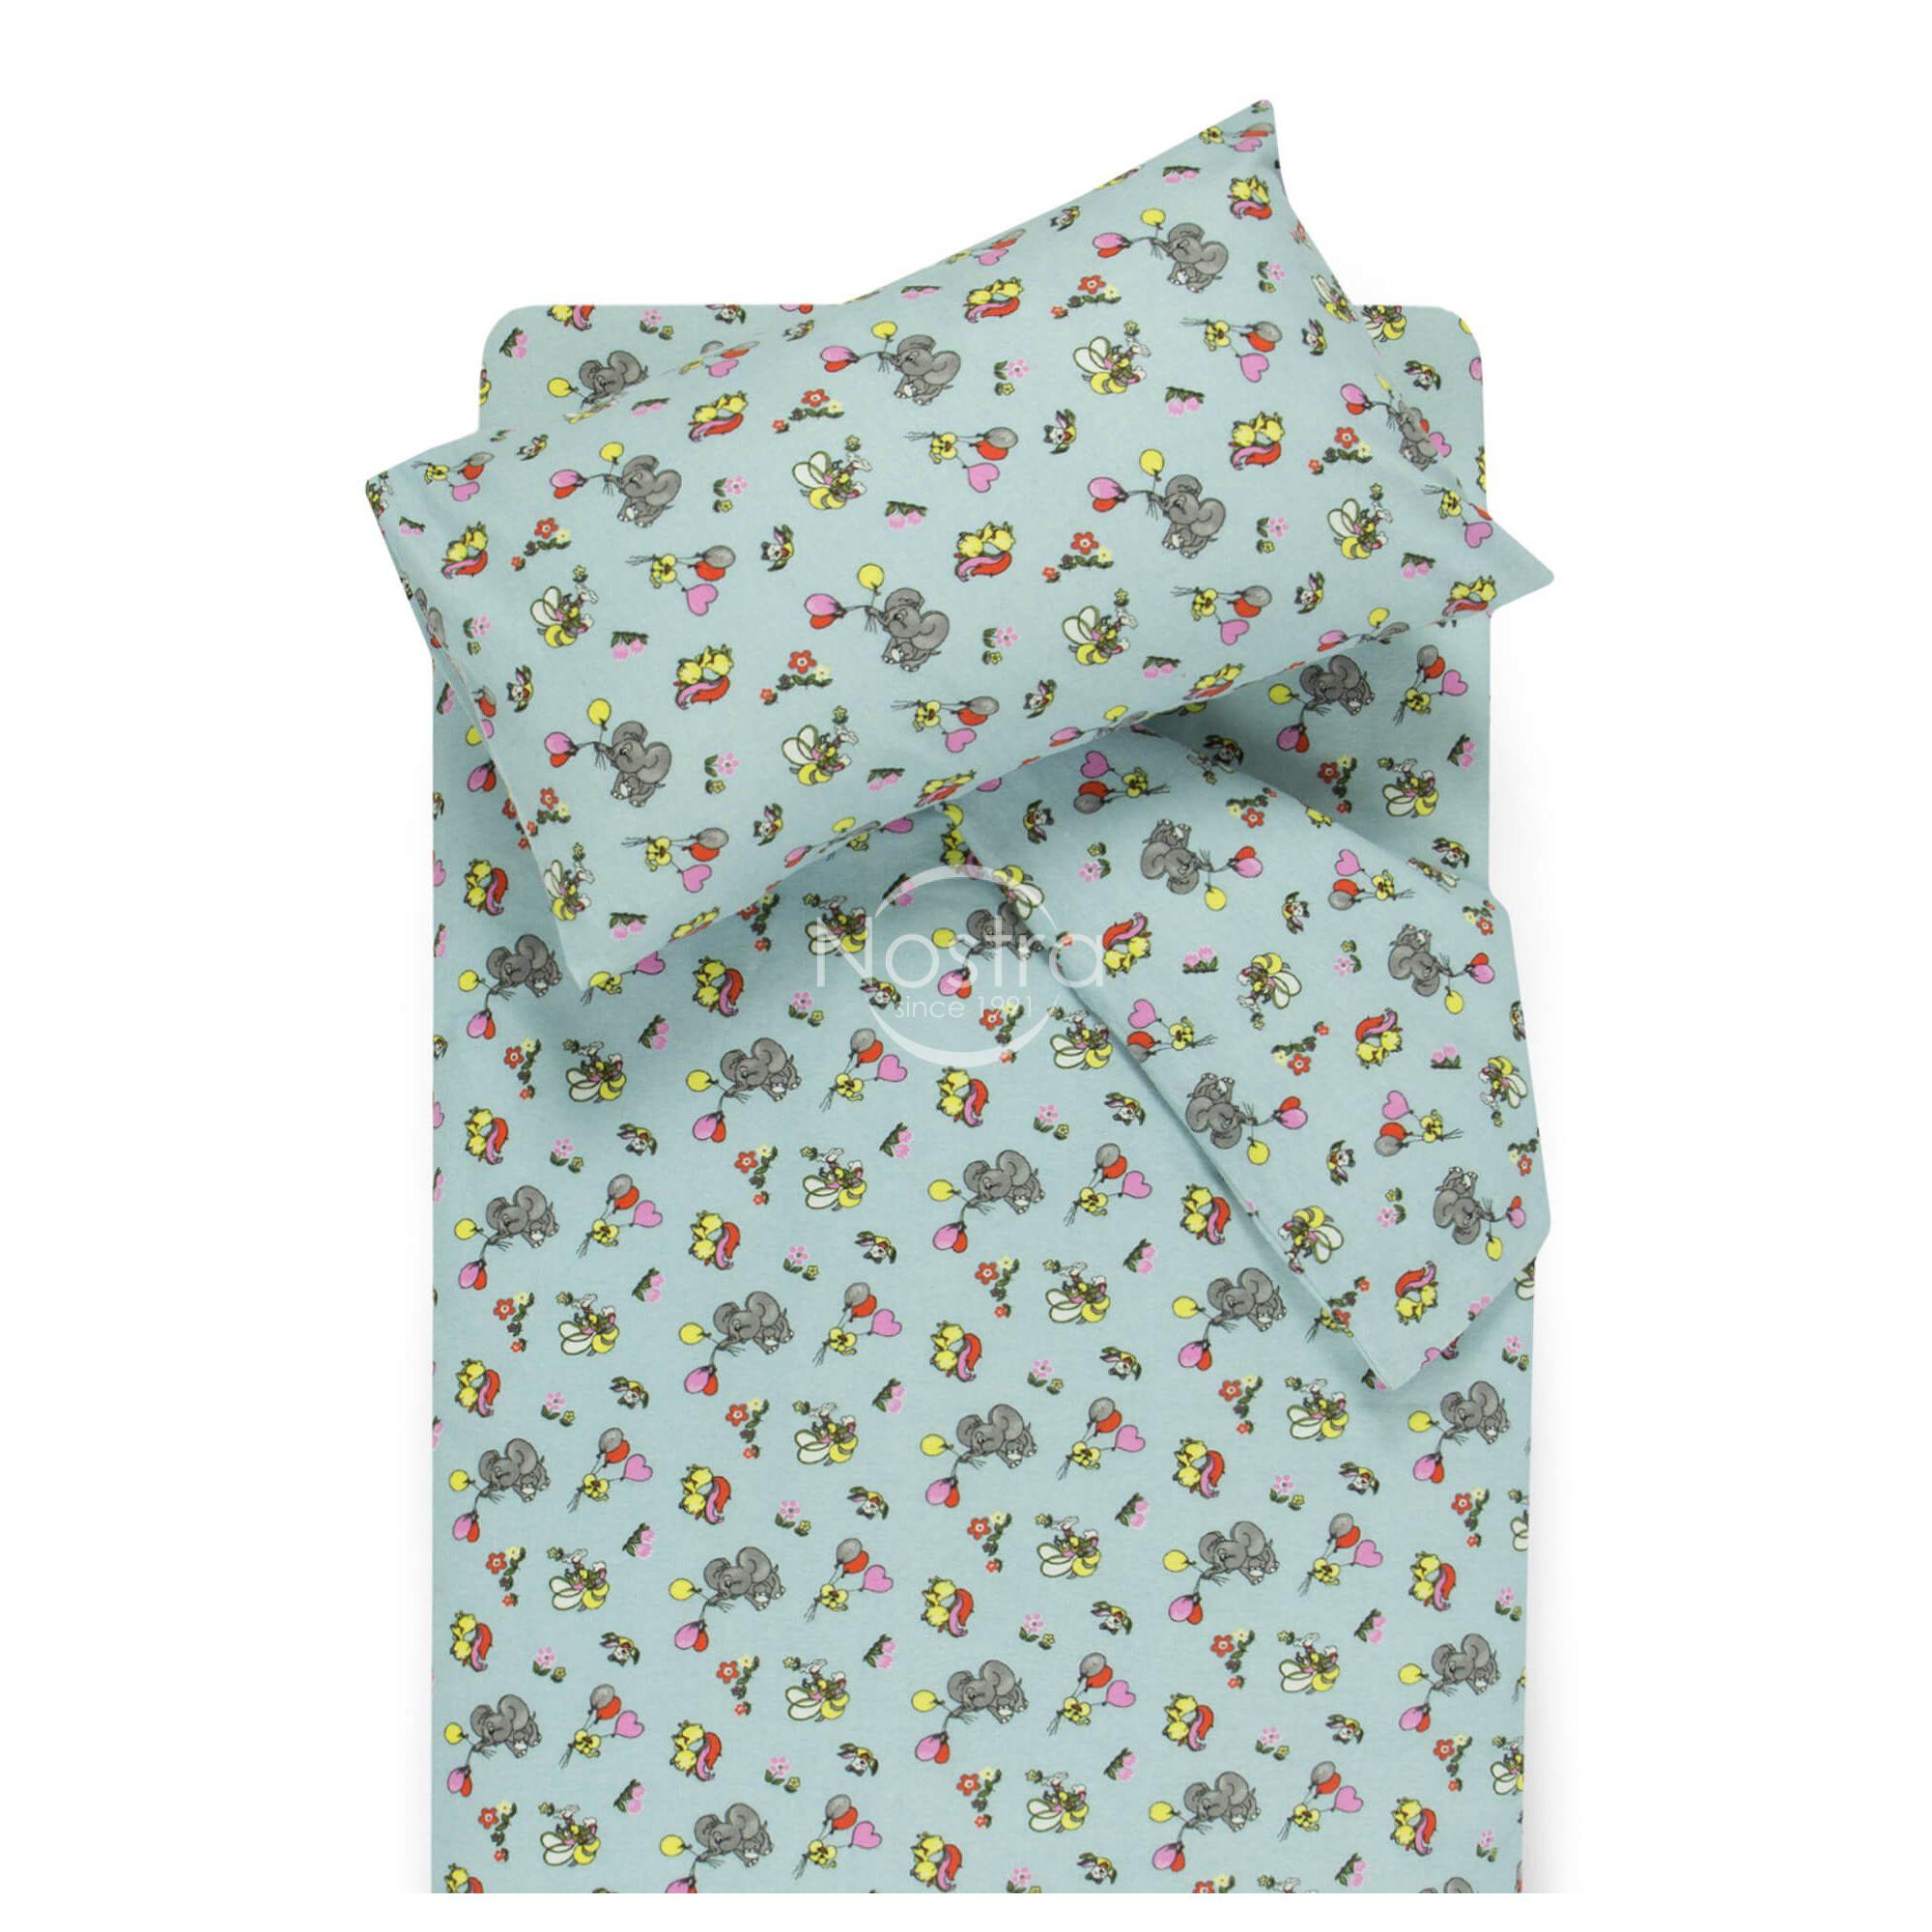 Детское фланелевое постельное белье FLYING ELEPHANTS